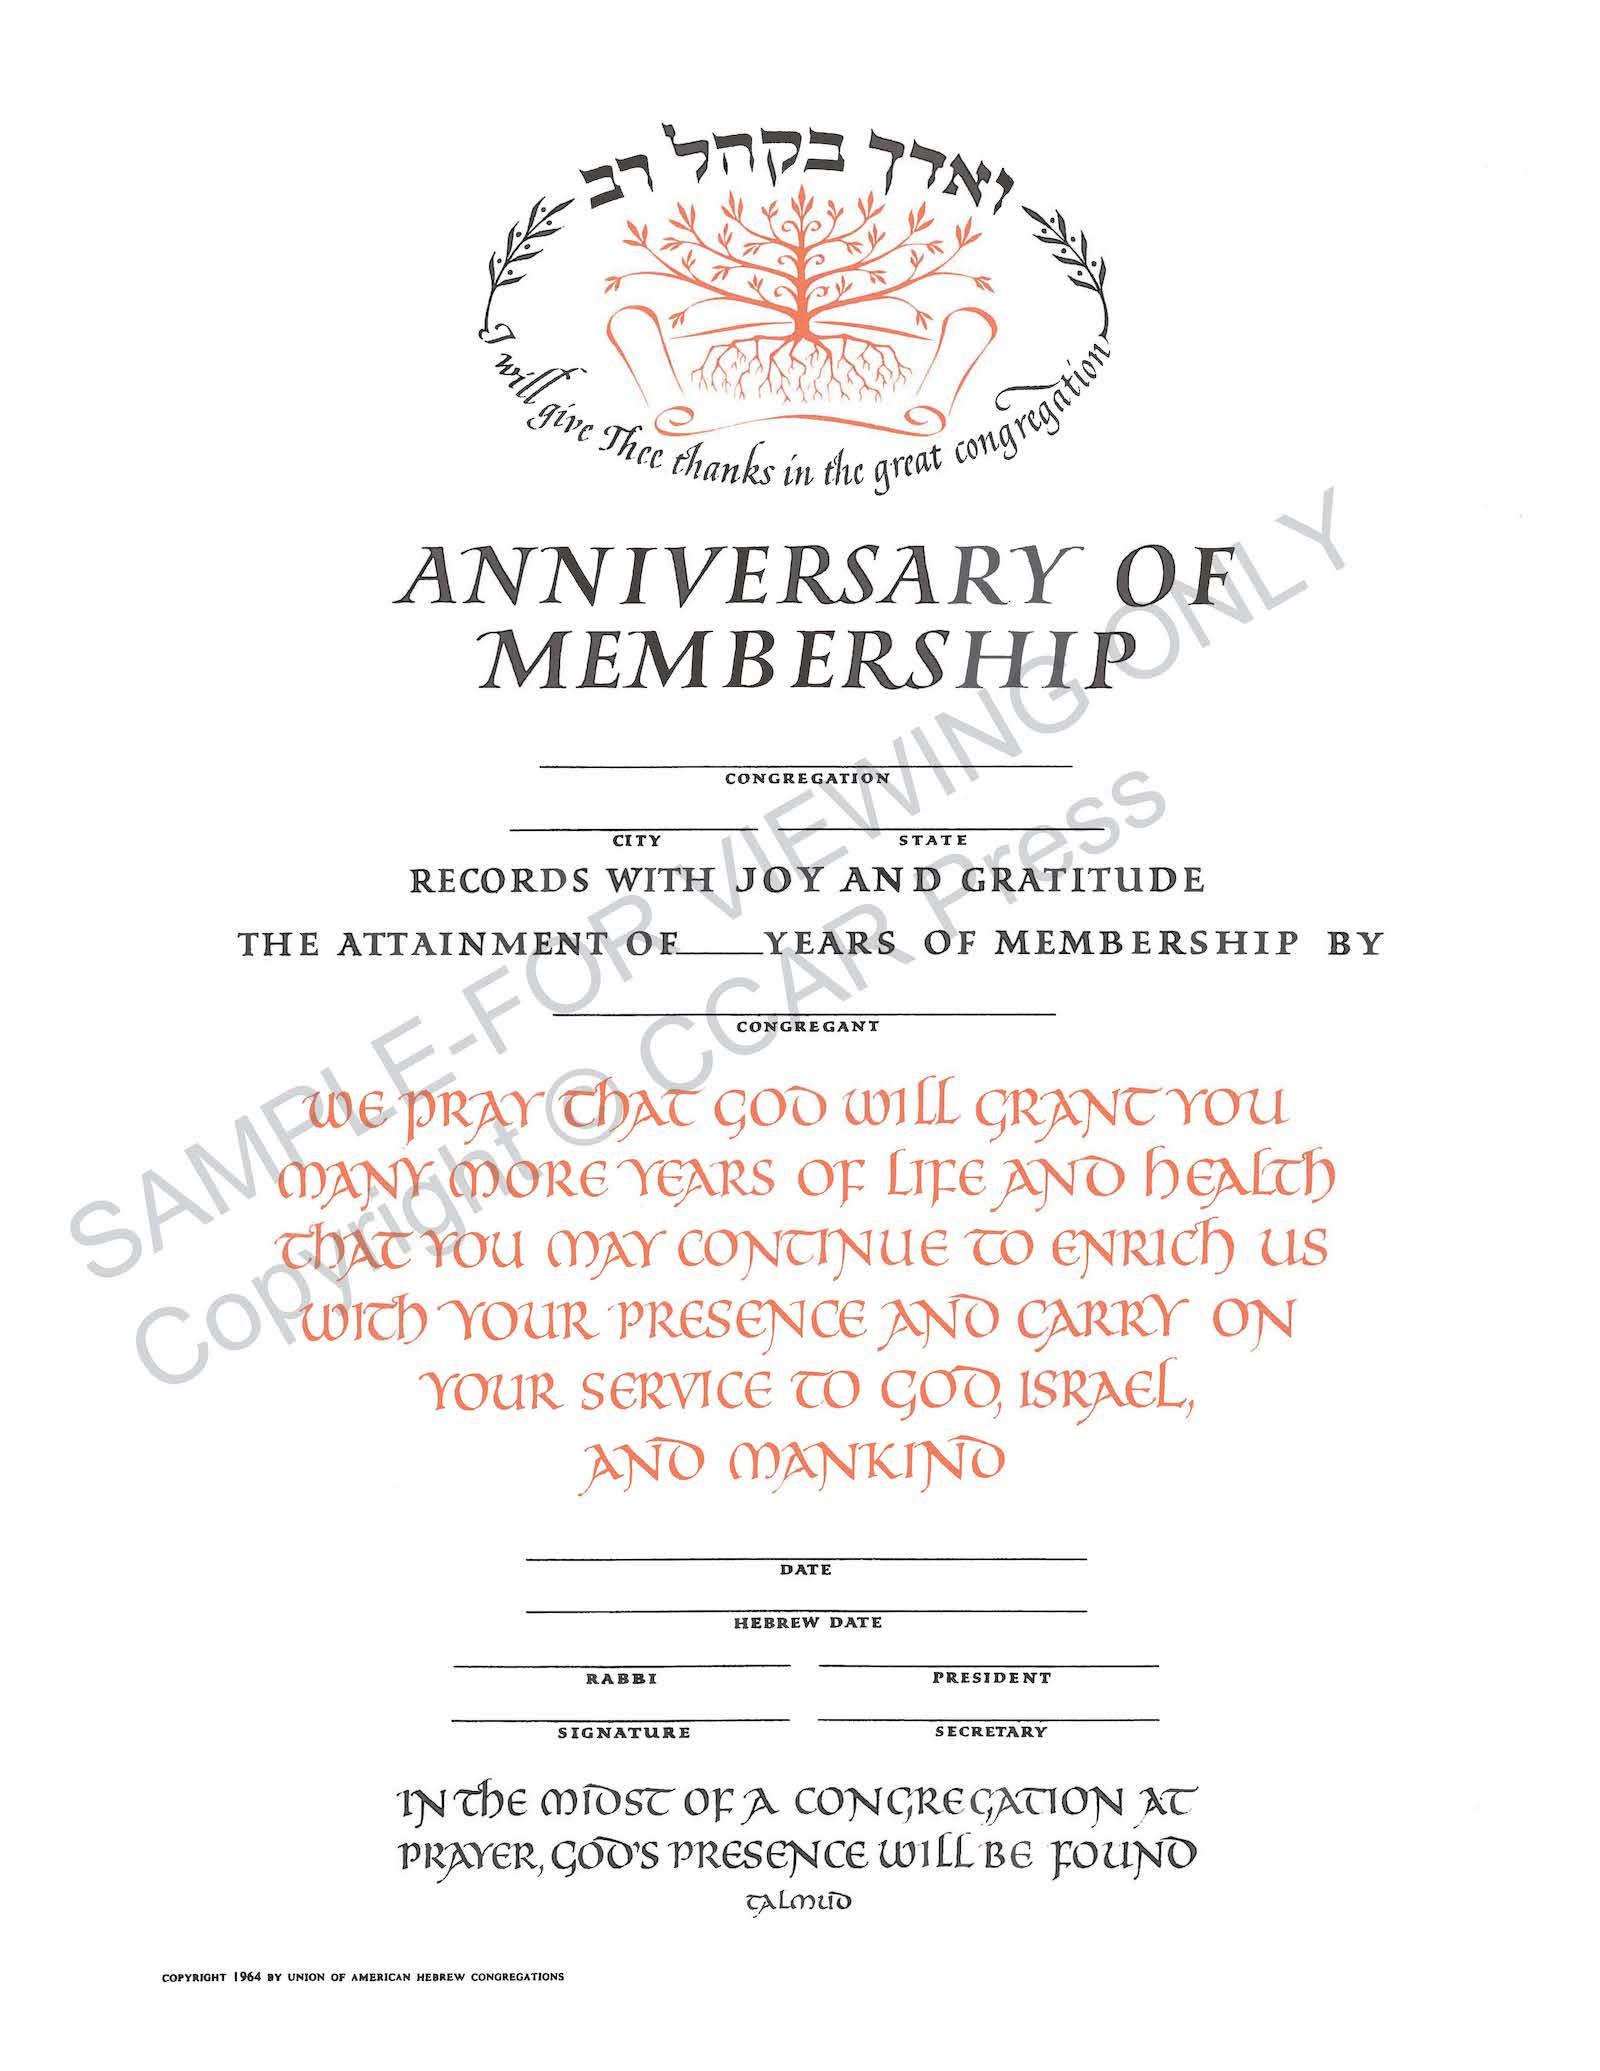 Anniversary of Membership - Certificate